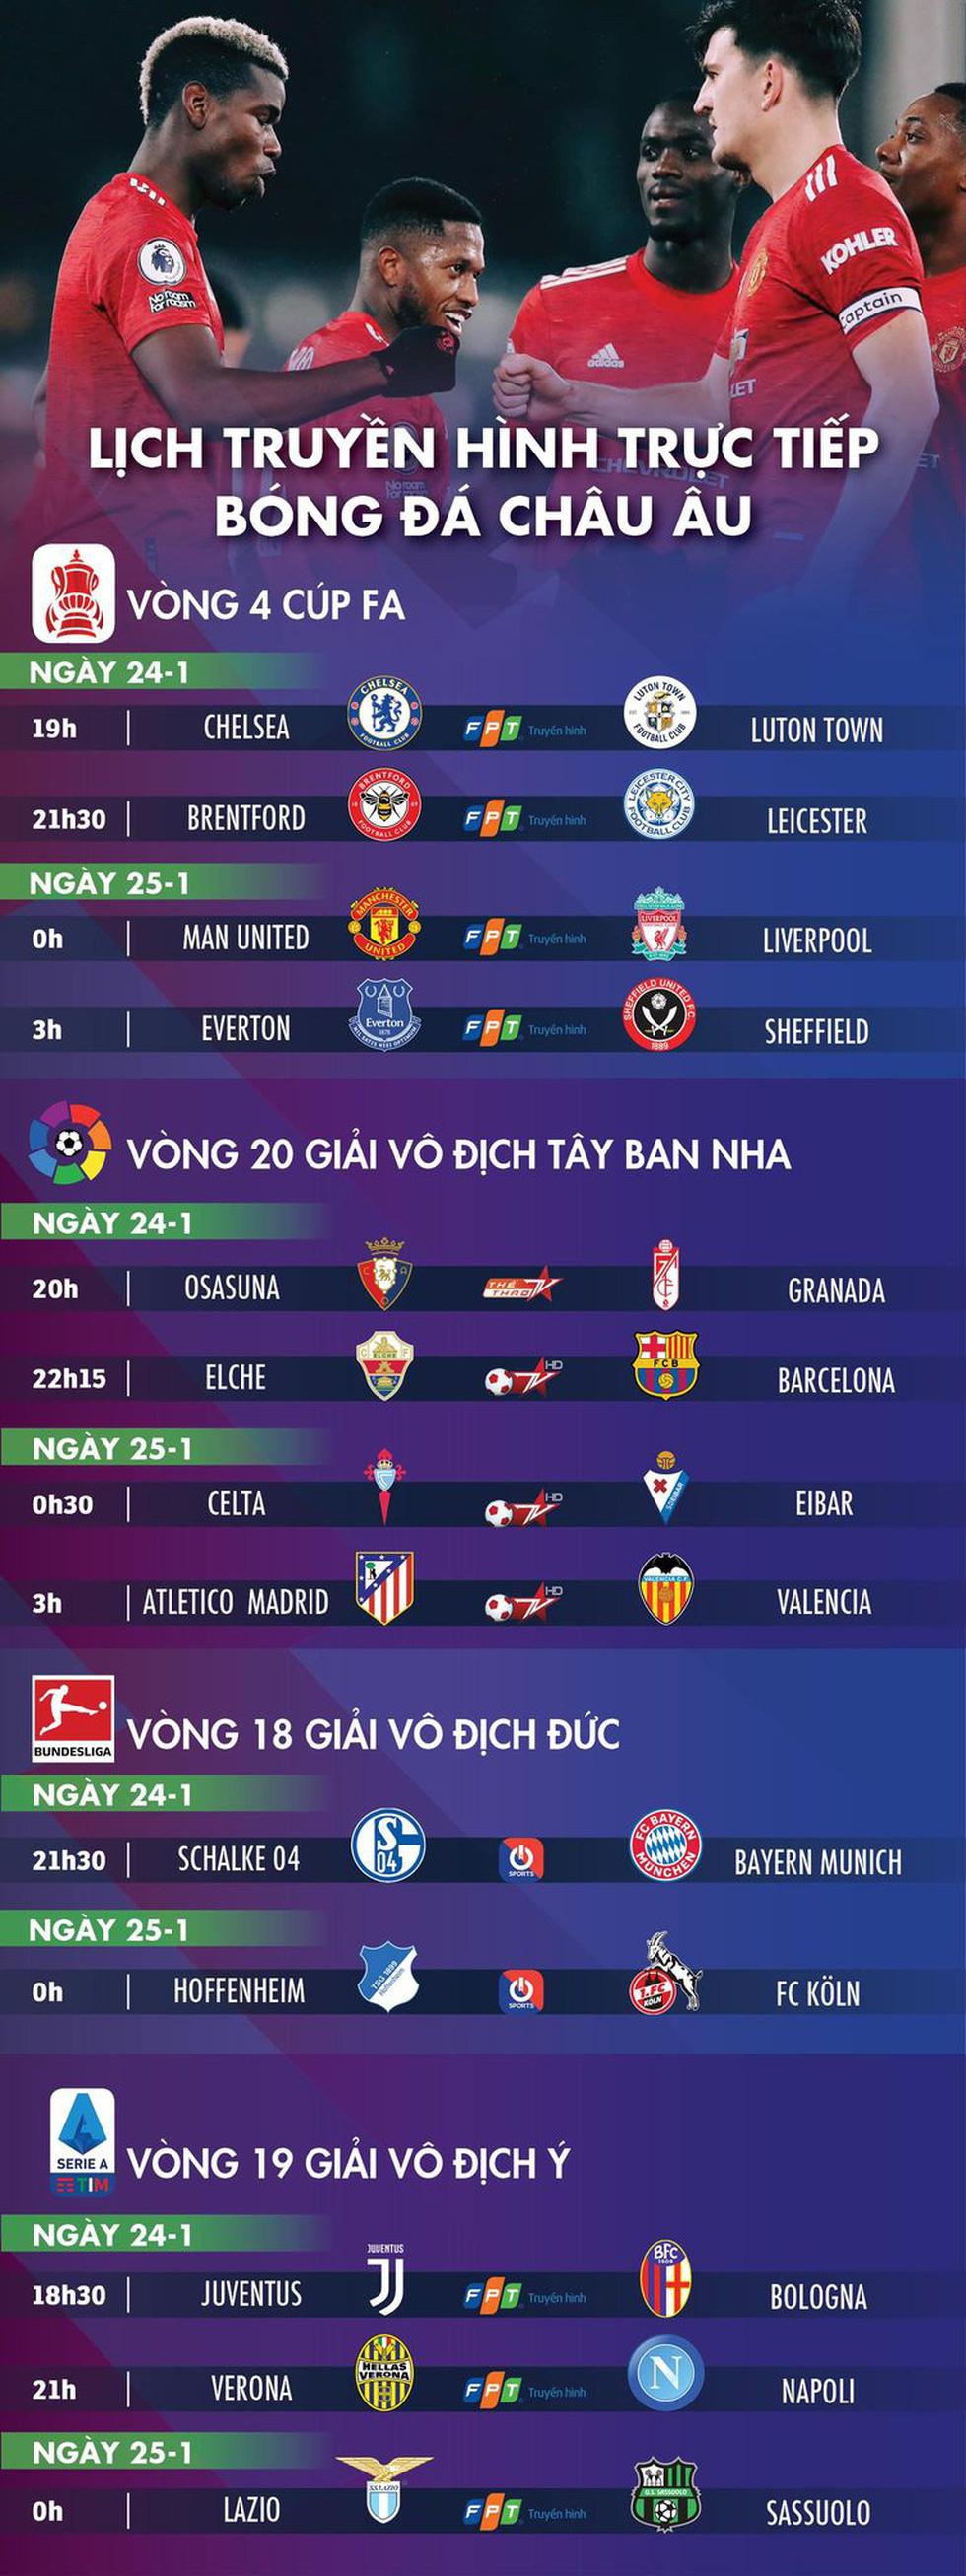 Lịch bóng đá châu Âu 24-1: Man United lại gặp Liverpool - Ảnh 1.